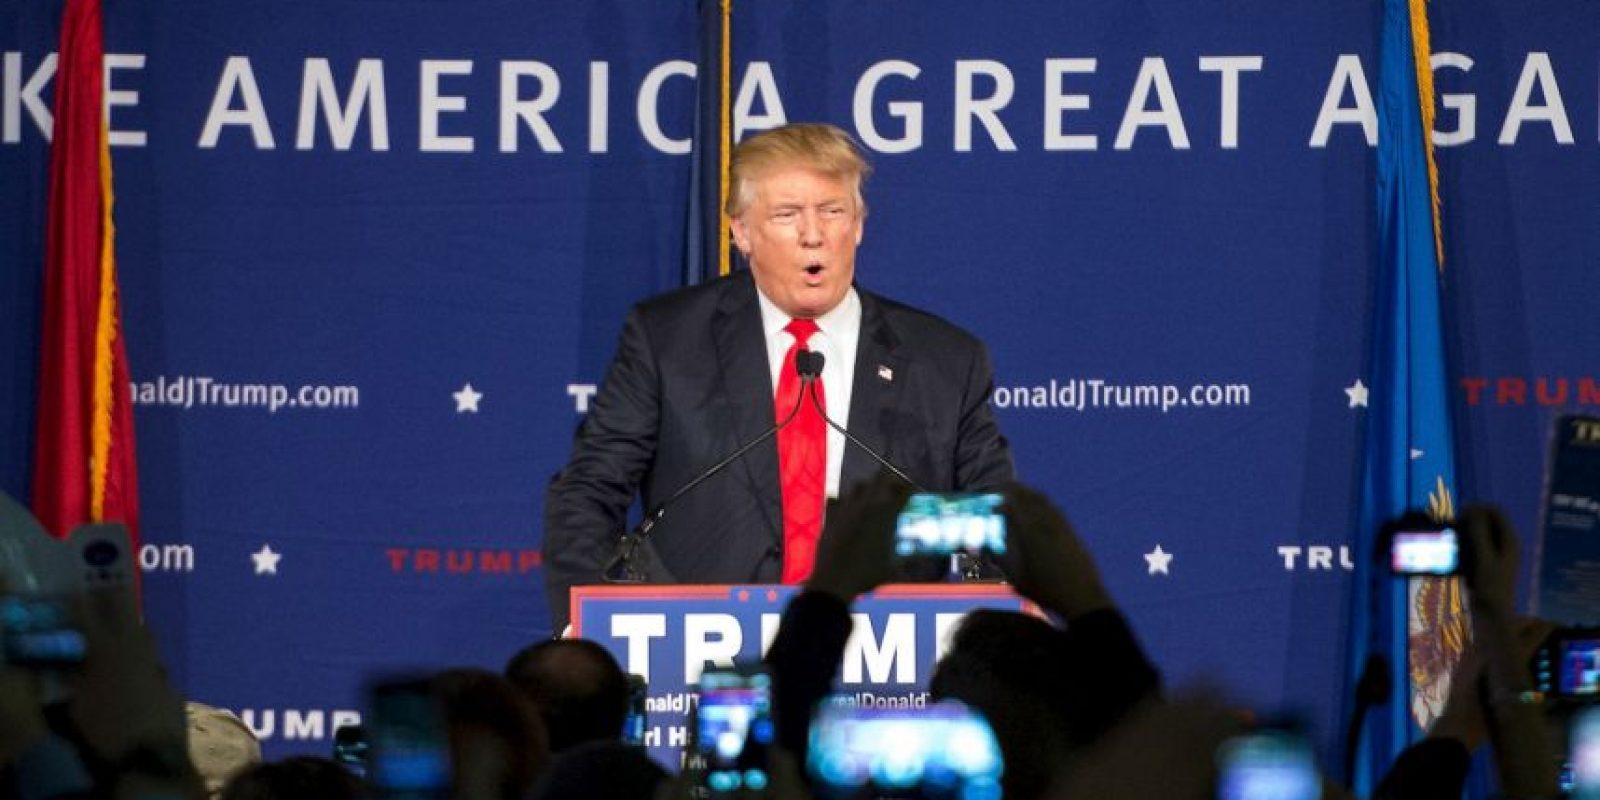 La Casa Blanca descalificó a Trump como candidato Foto:Getty Images